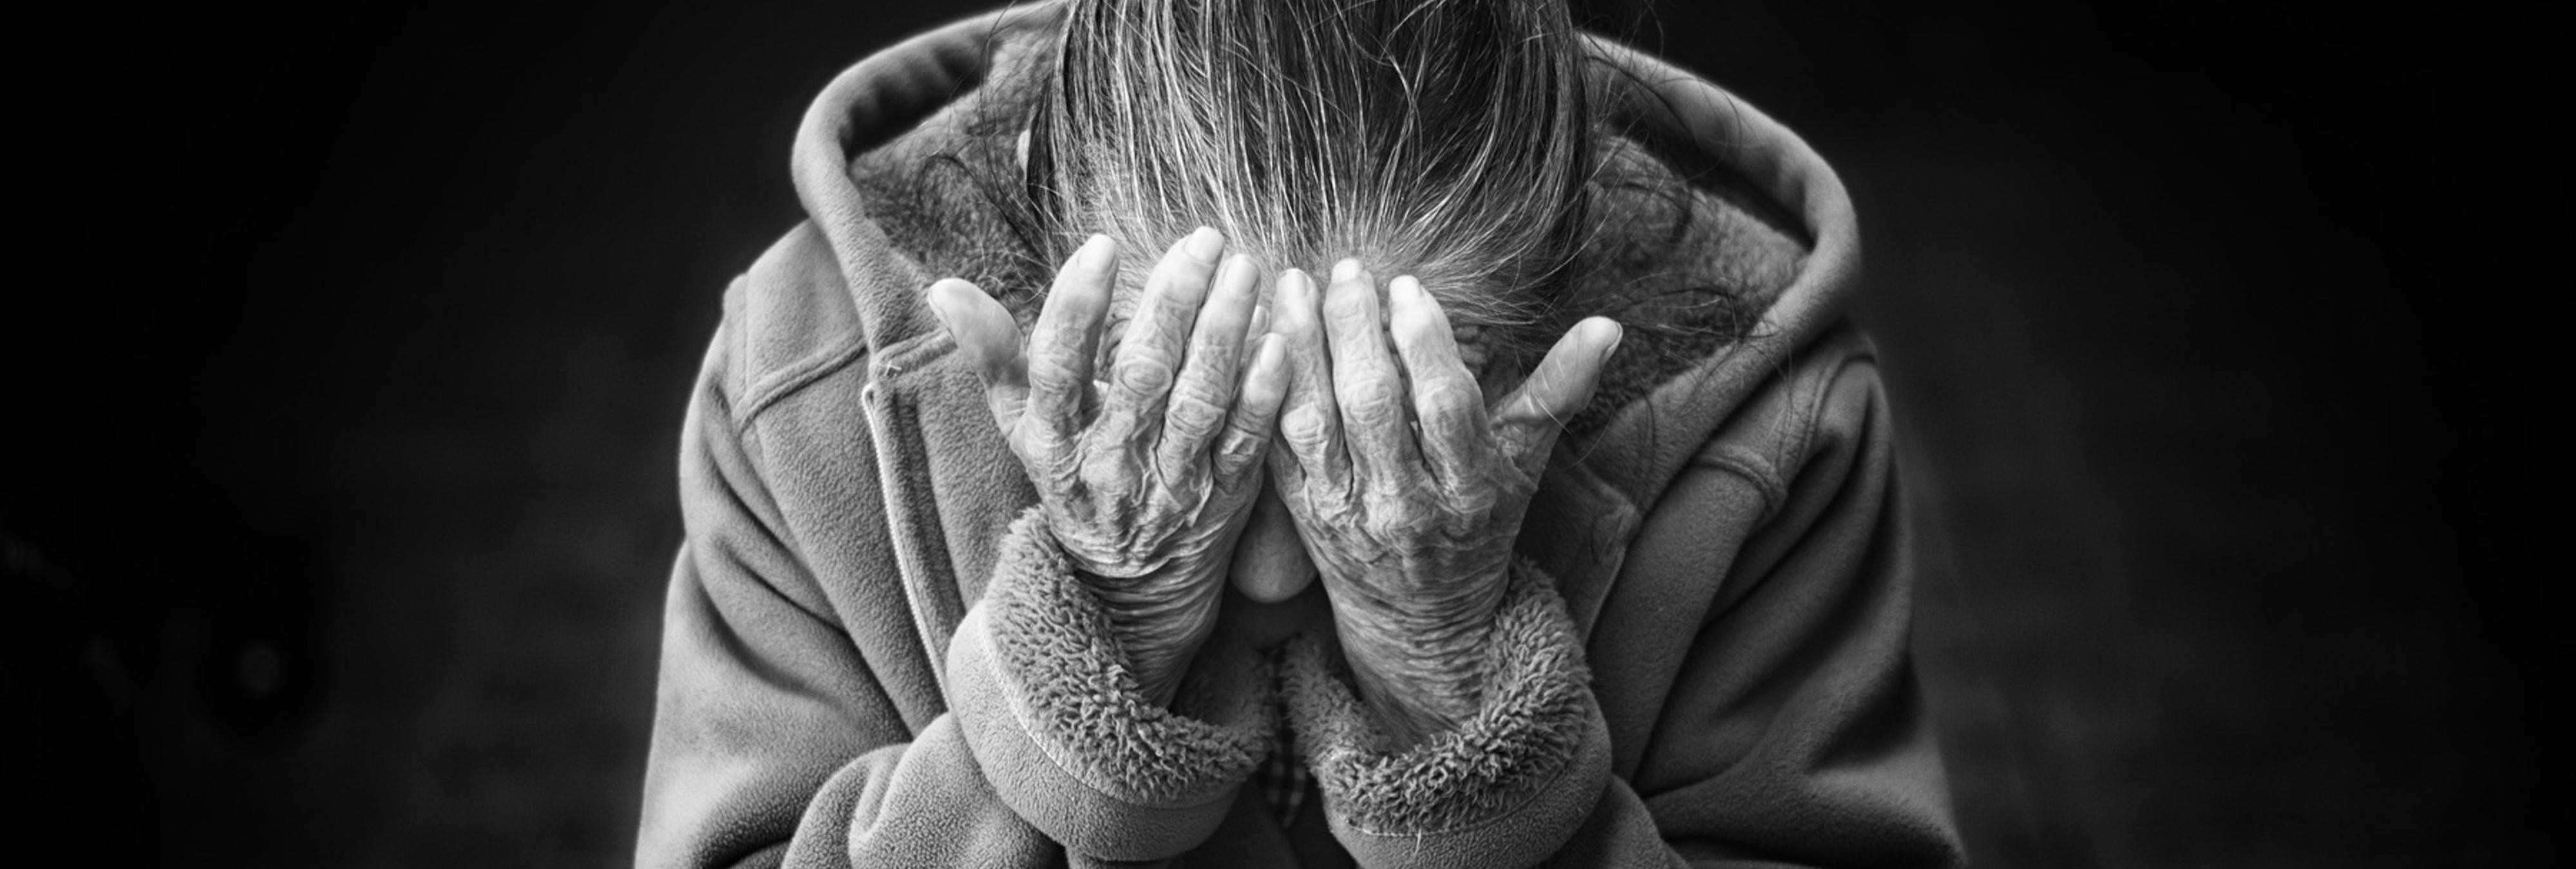 Recortes: Mantienen a dos ancianos olvidados en un hospital canario seis meses